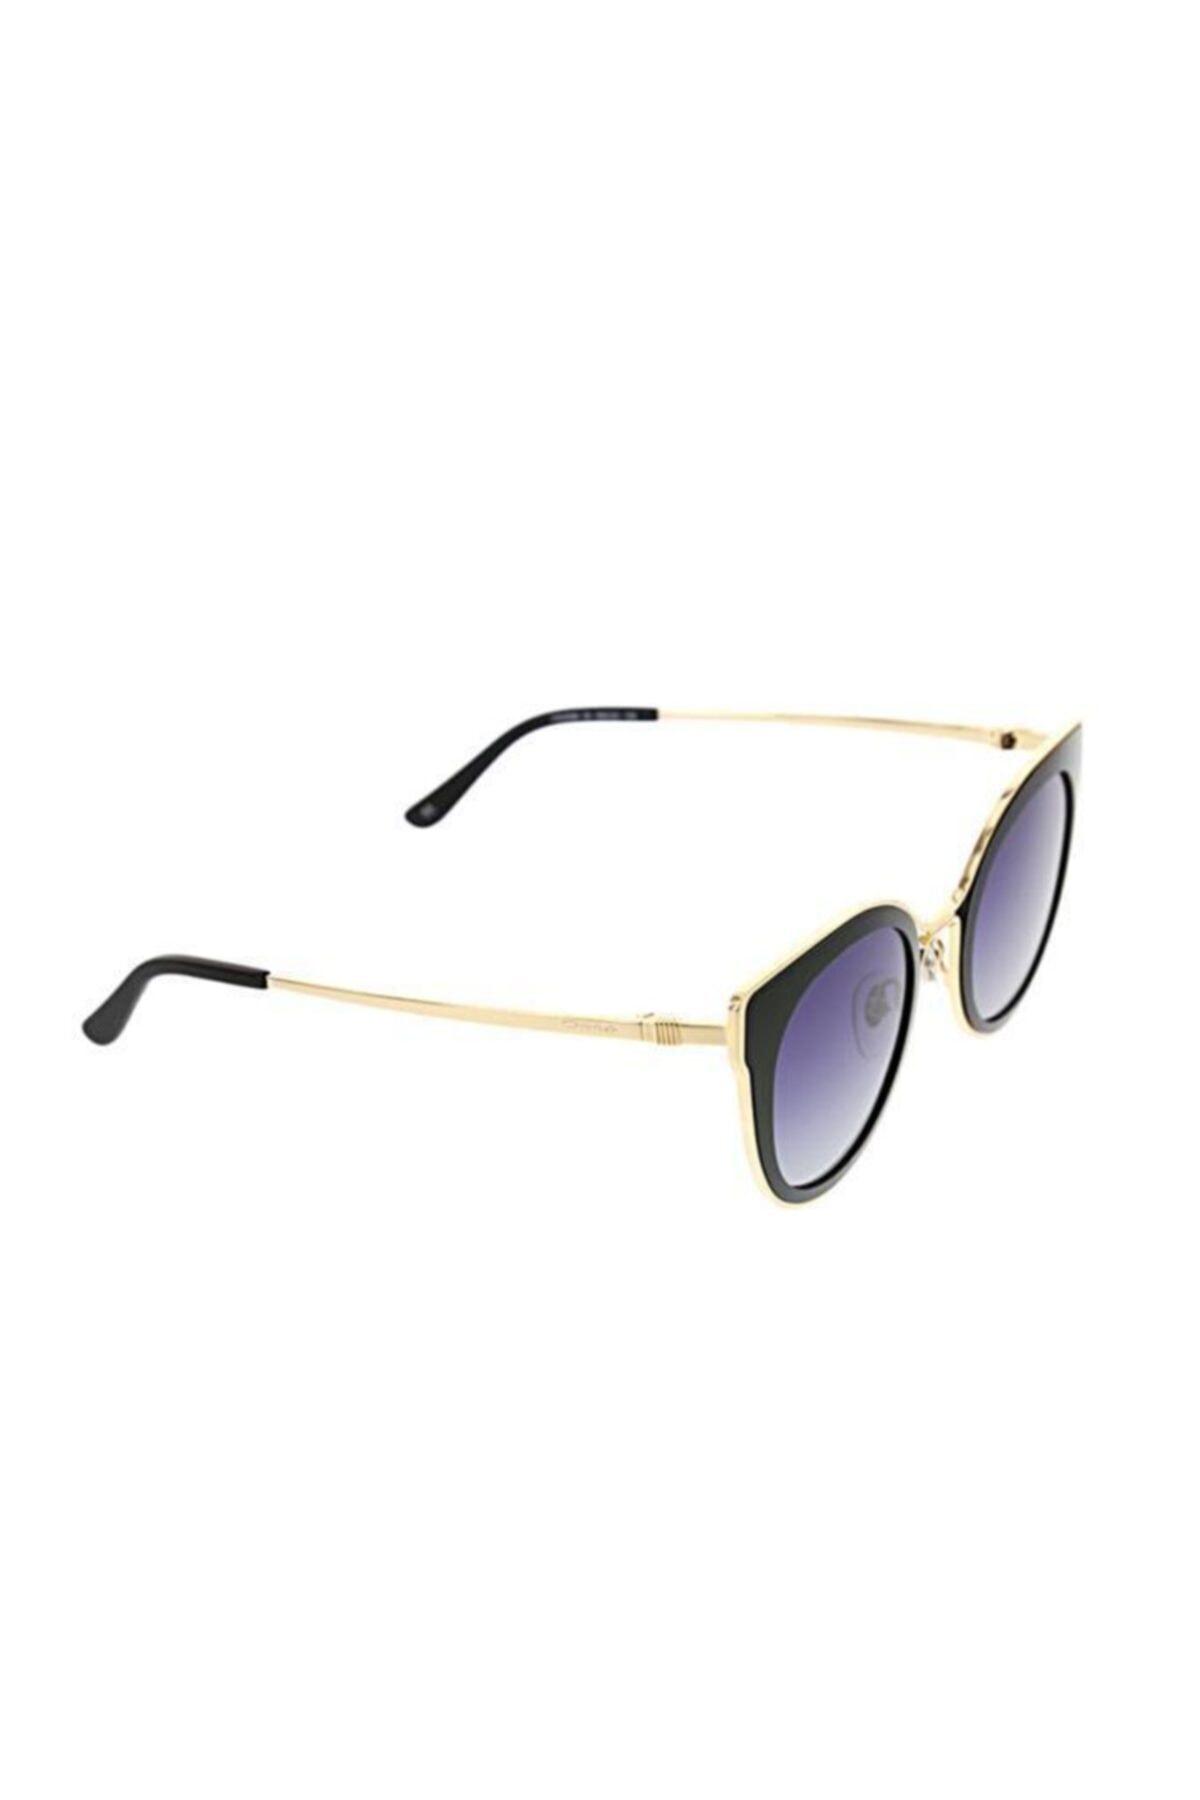 Osse Os 2566 03 Kadın Güneş Gözlüğü 2